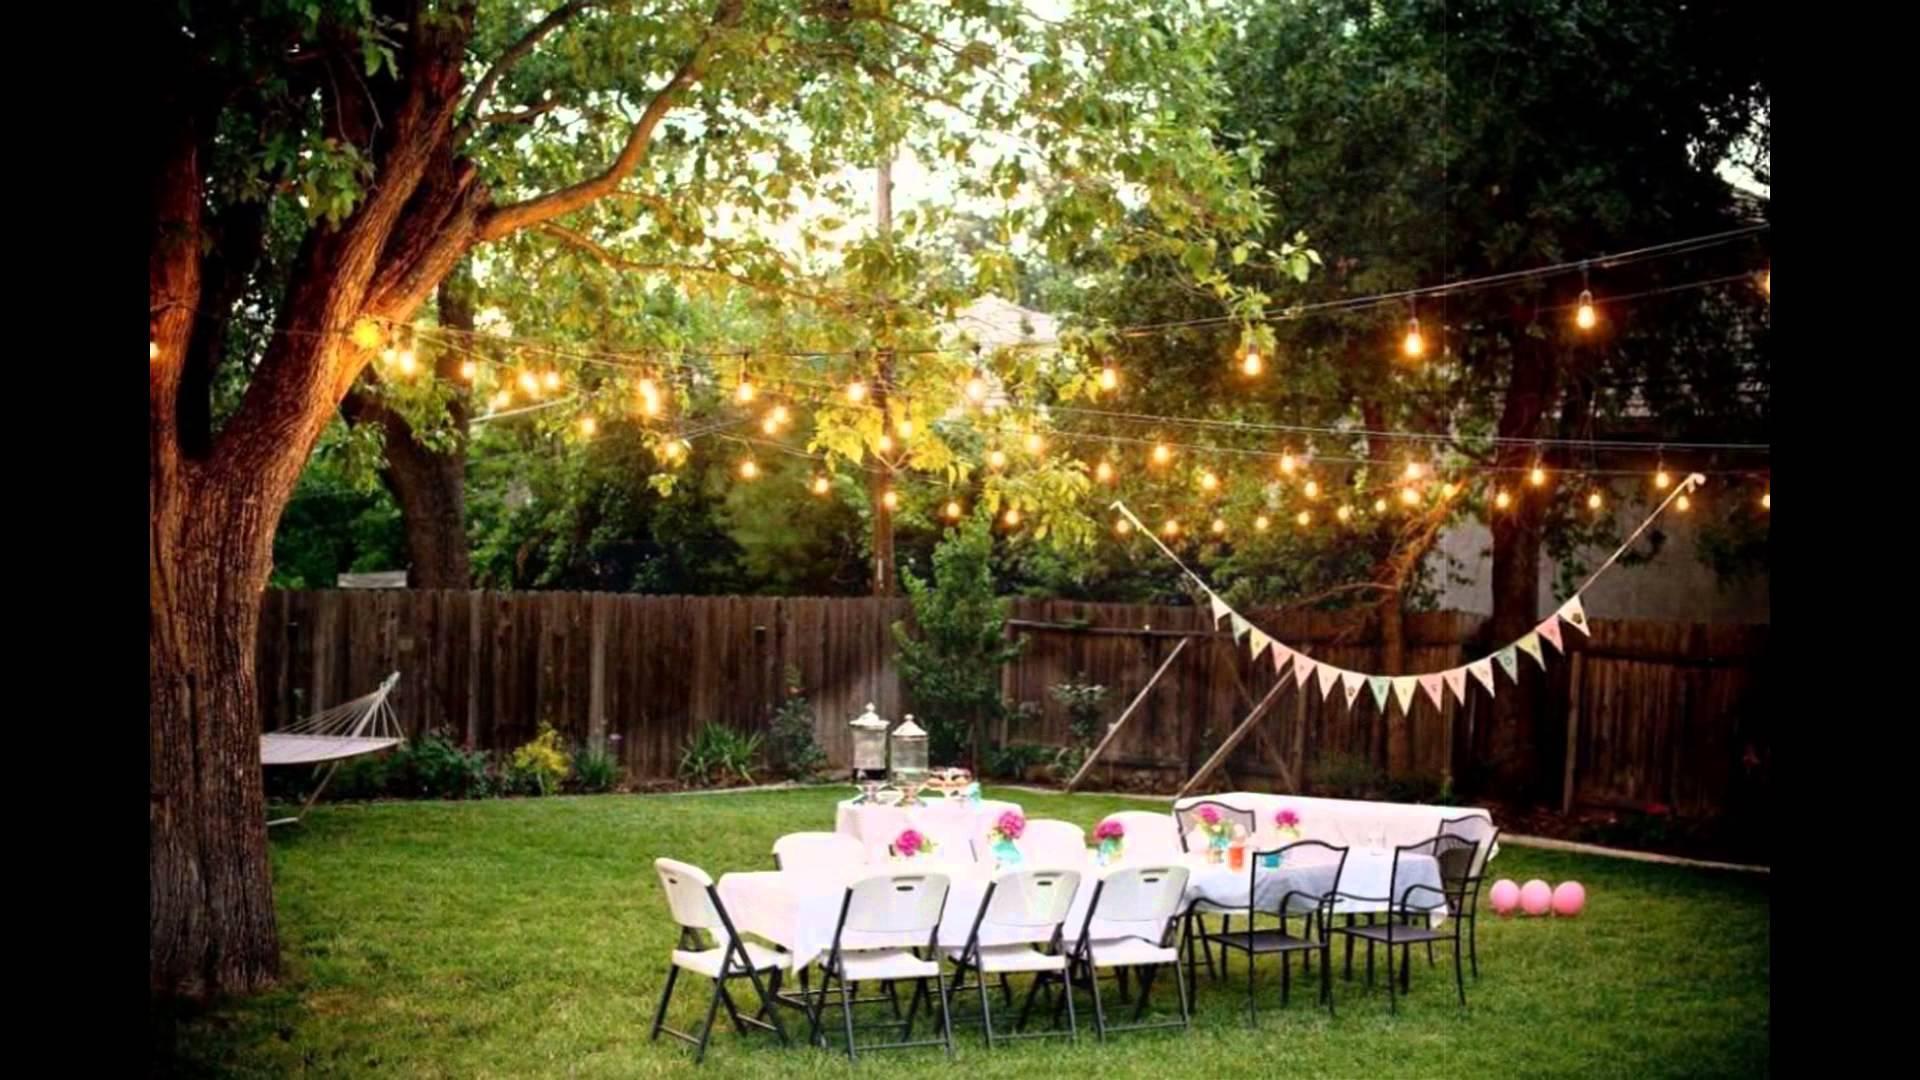 Wedding Trends Archives - Chicago Wedding Blog on Elegant Backyard Ideas id=30641